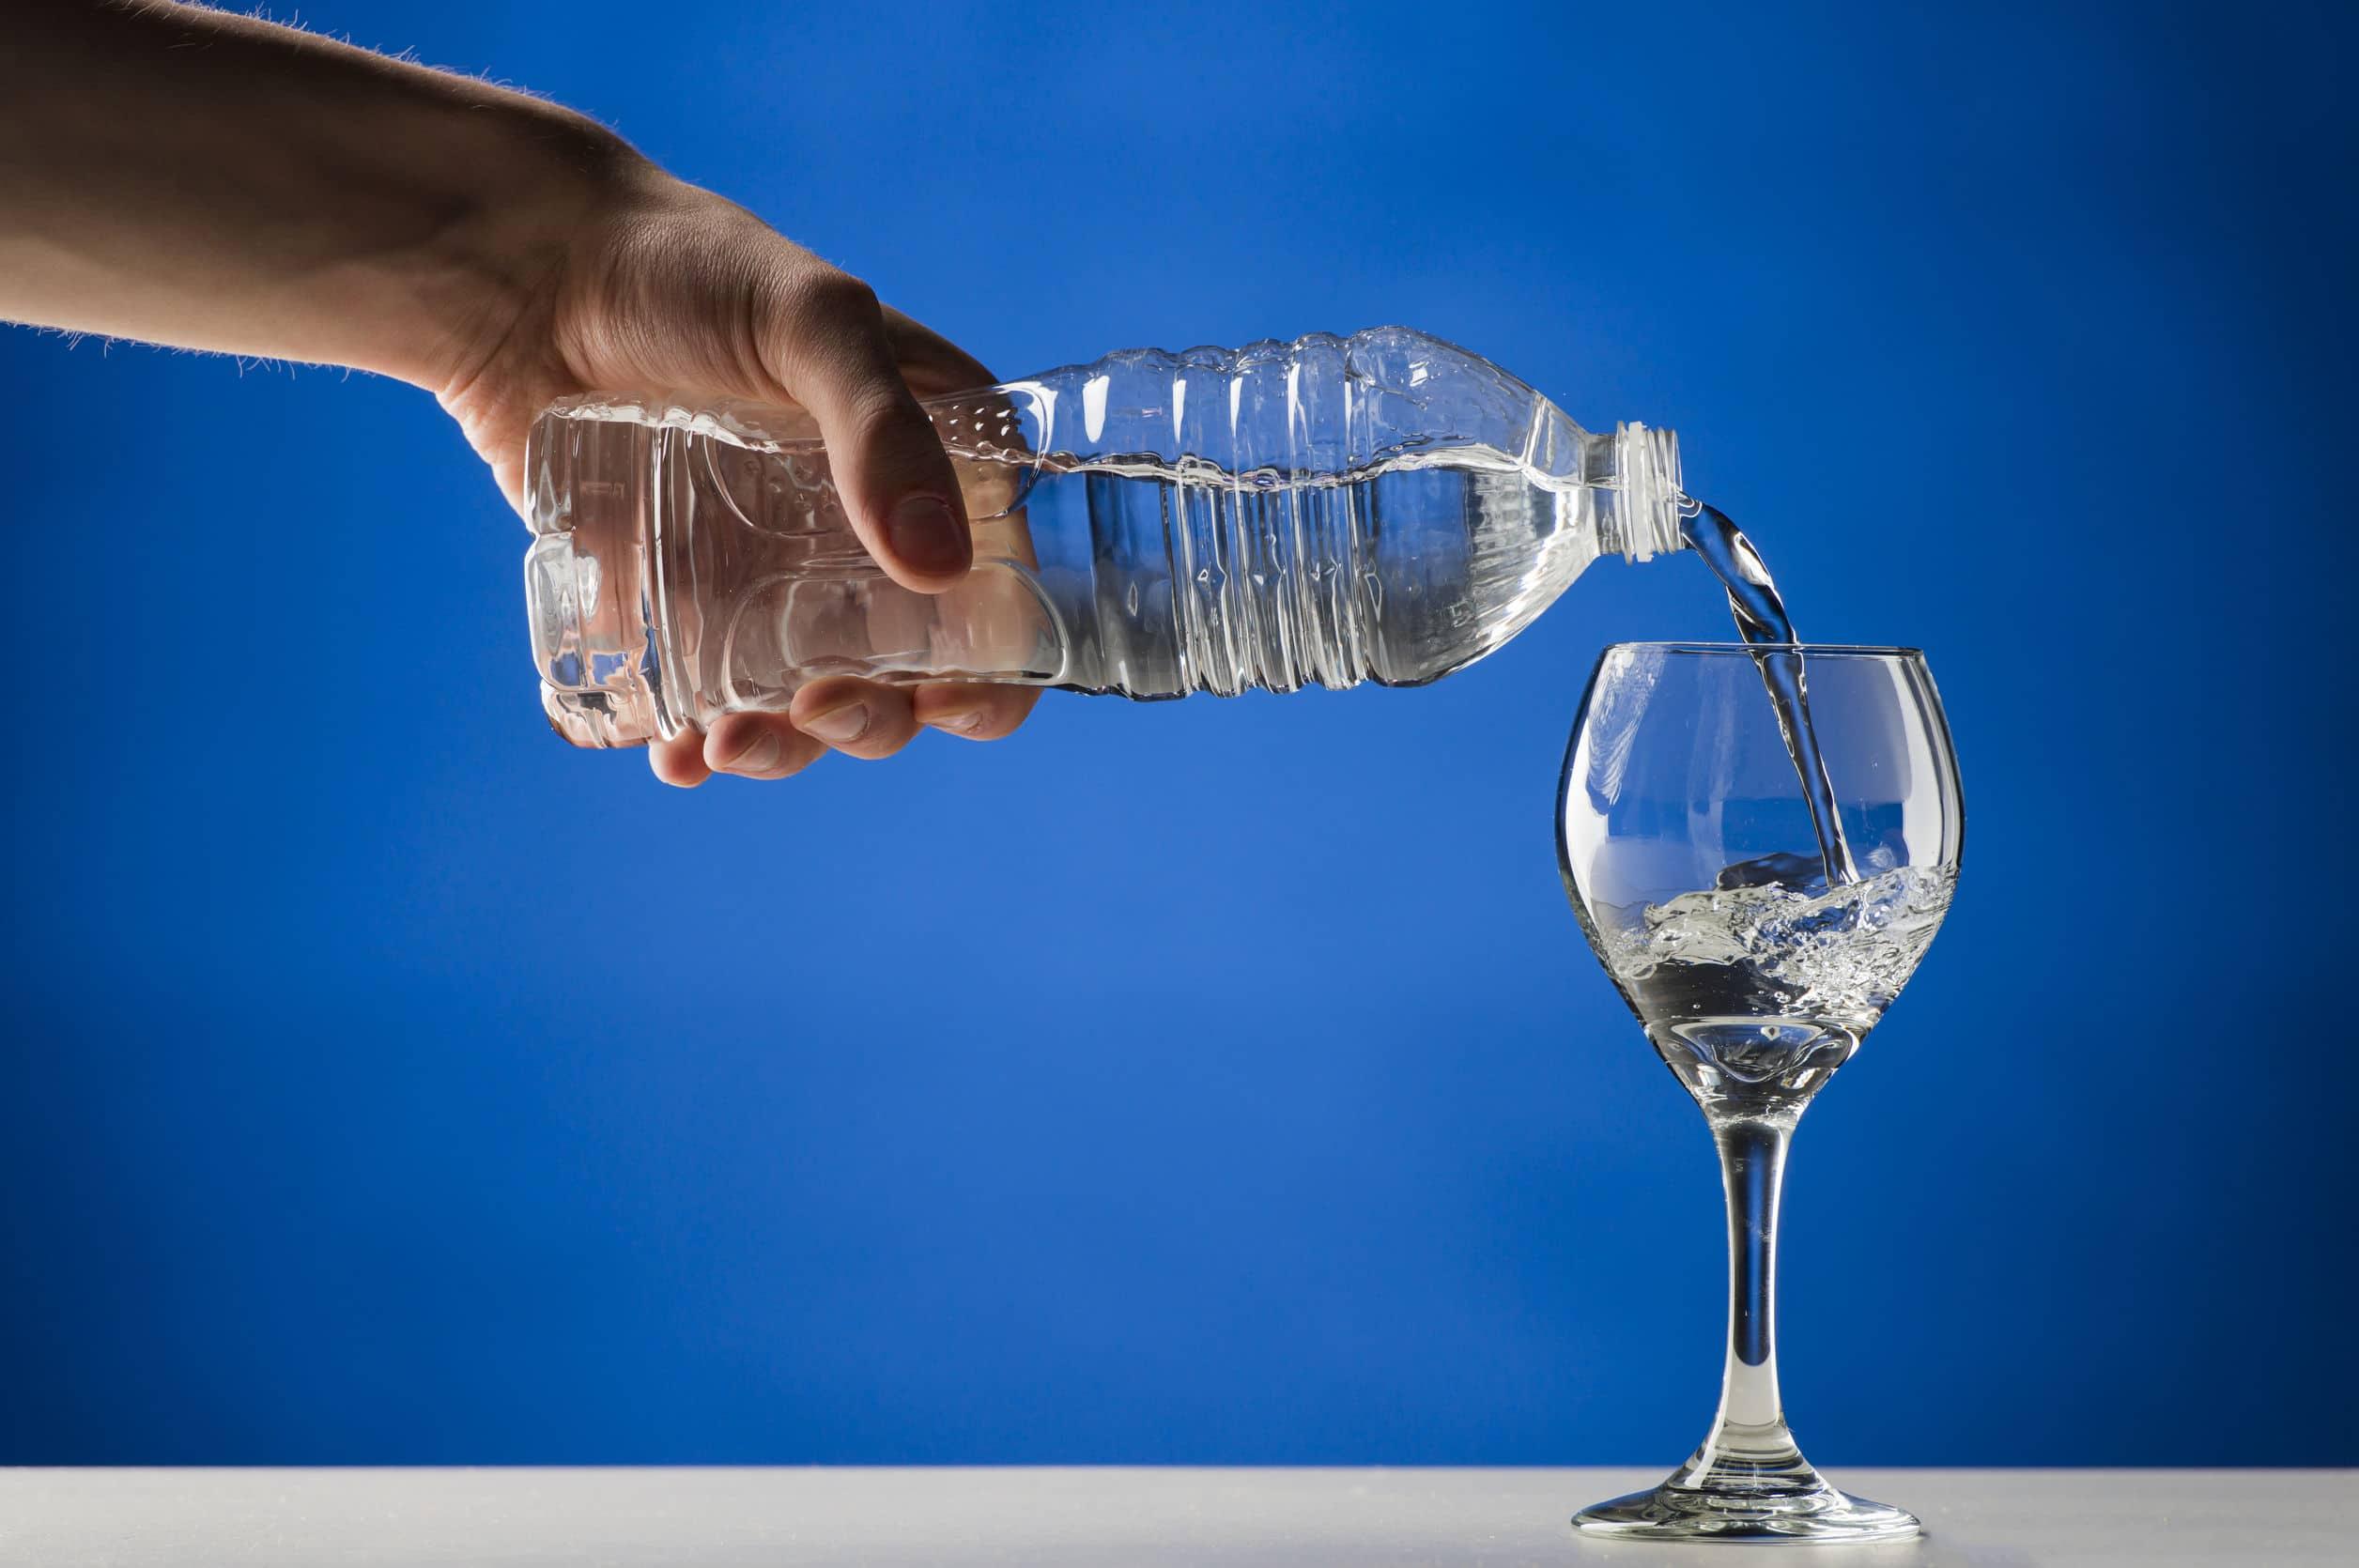 Mão despejando a água de uma garrafa de plástico transparente em uma taça de vidro colocada em cima  de uma mesa com uma parede azul ao fundo.